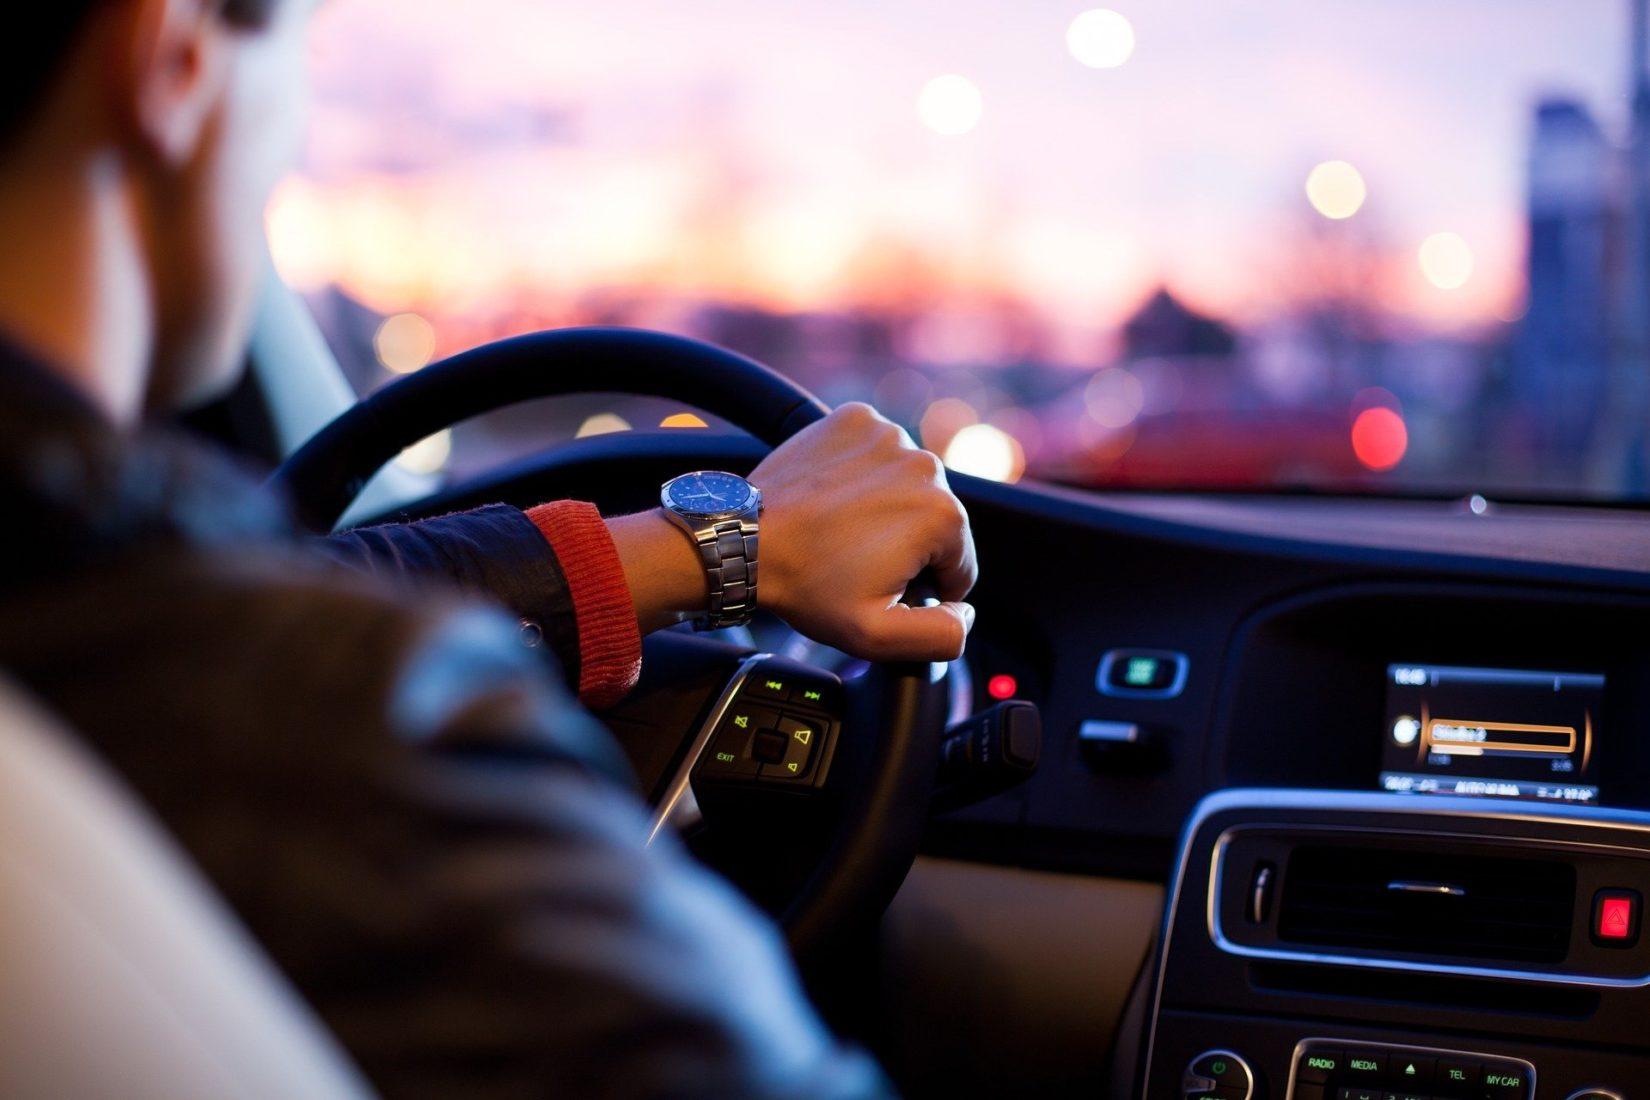 Die Fahrt zum Kunden ist Arbeitszeit, sofern dies vertraglich nicht anders geregelt ist. Foto: Pixabay